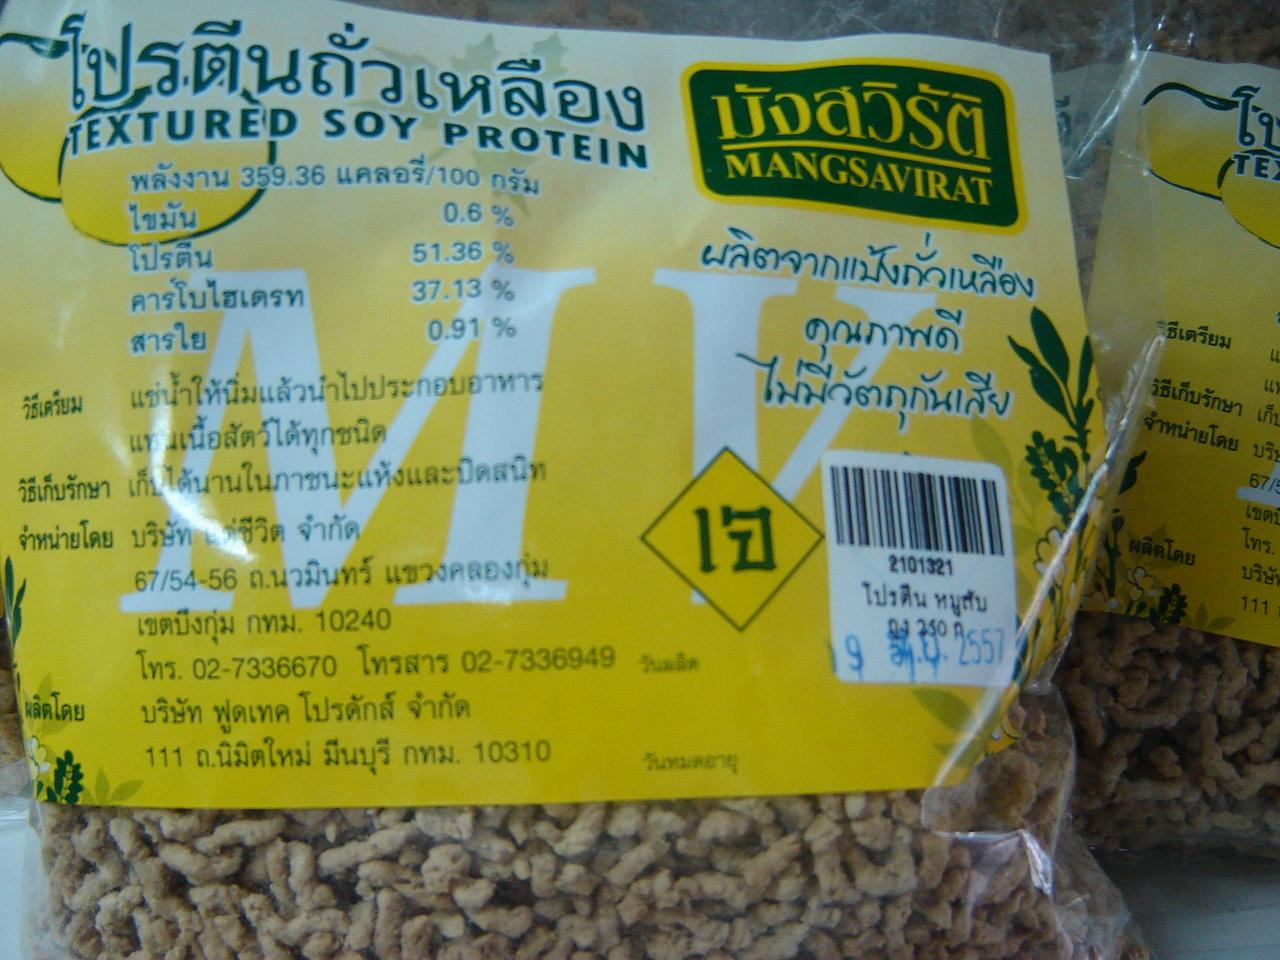 21-000-1300-1 โปรตีน หมูสับ (กก)